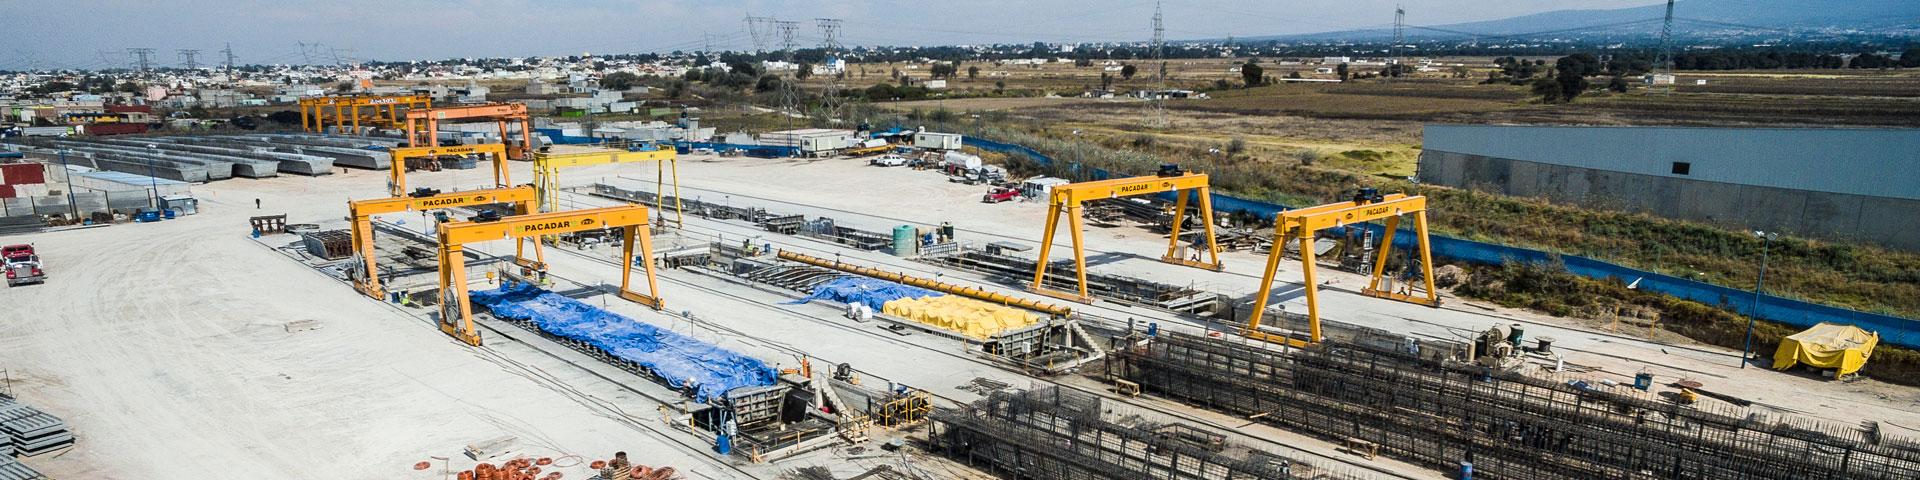 PACADAR - A precast concrete plant wherever you need it